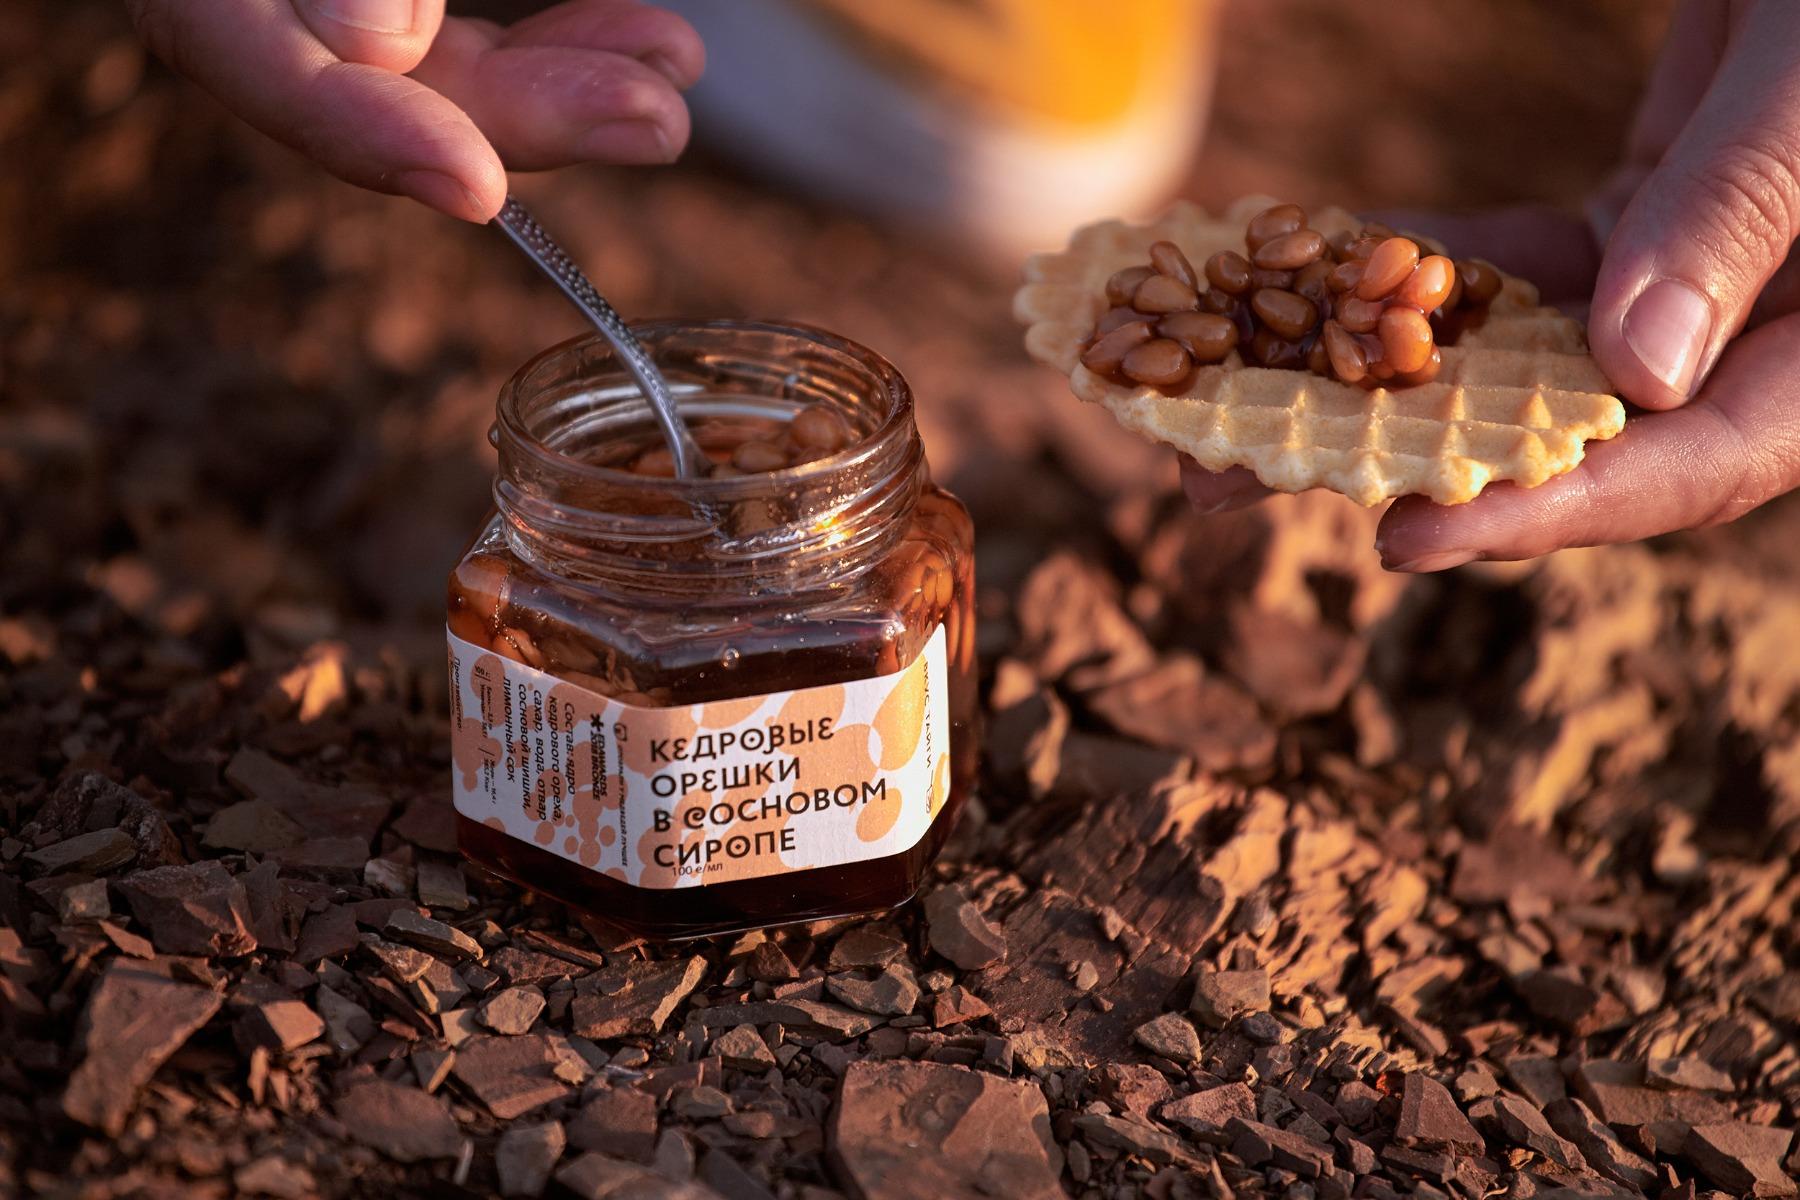 кедровые орешки в сиропе